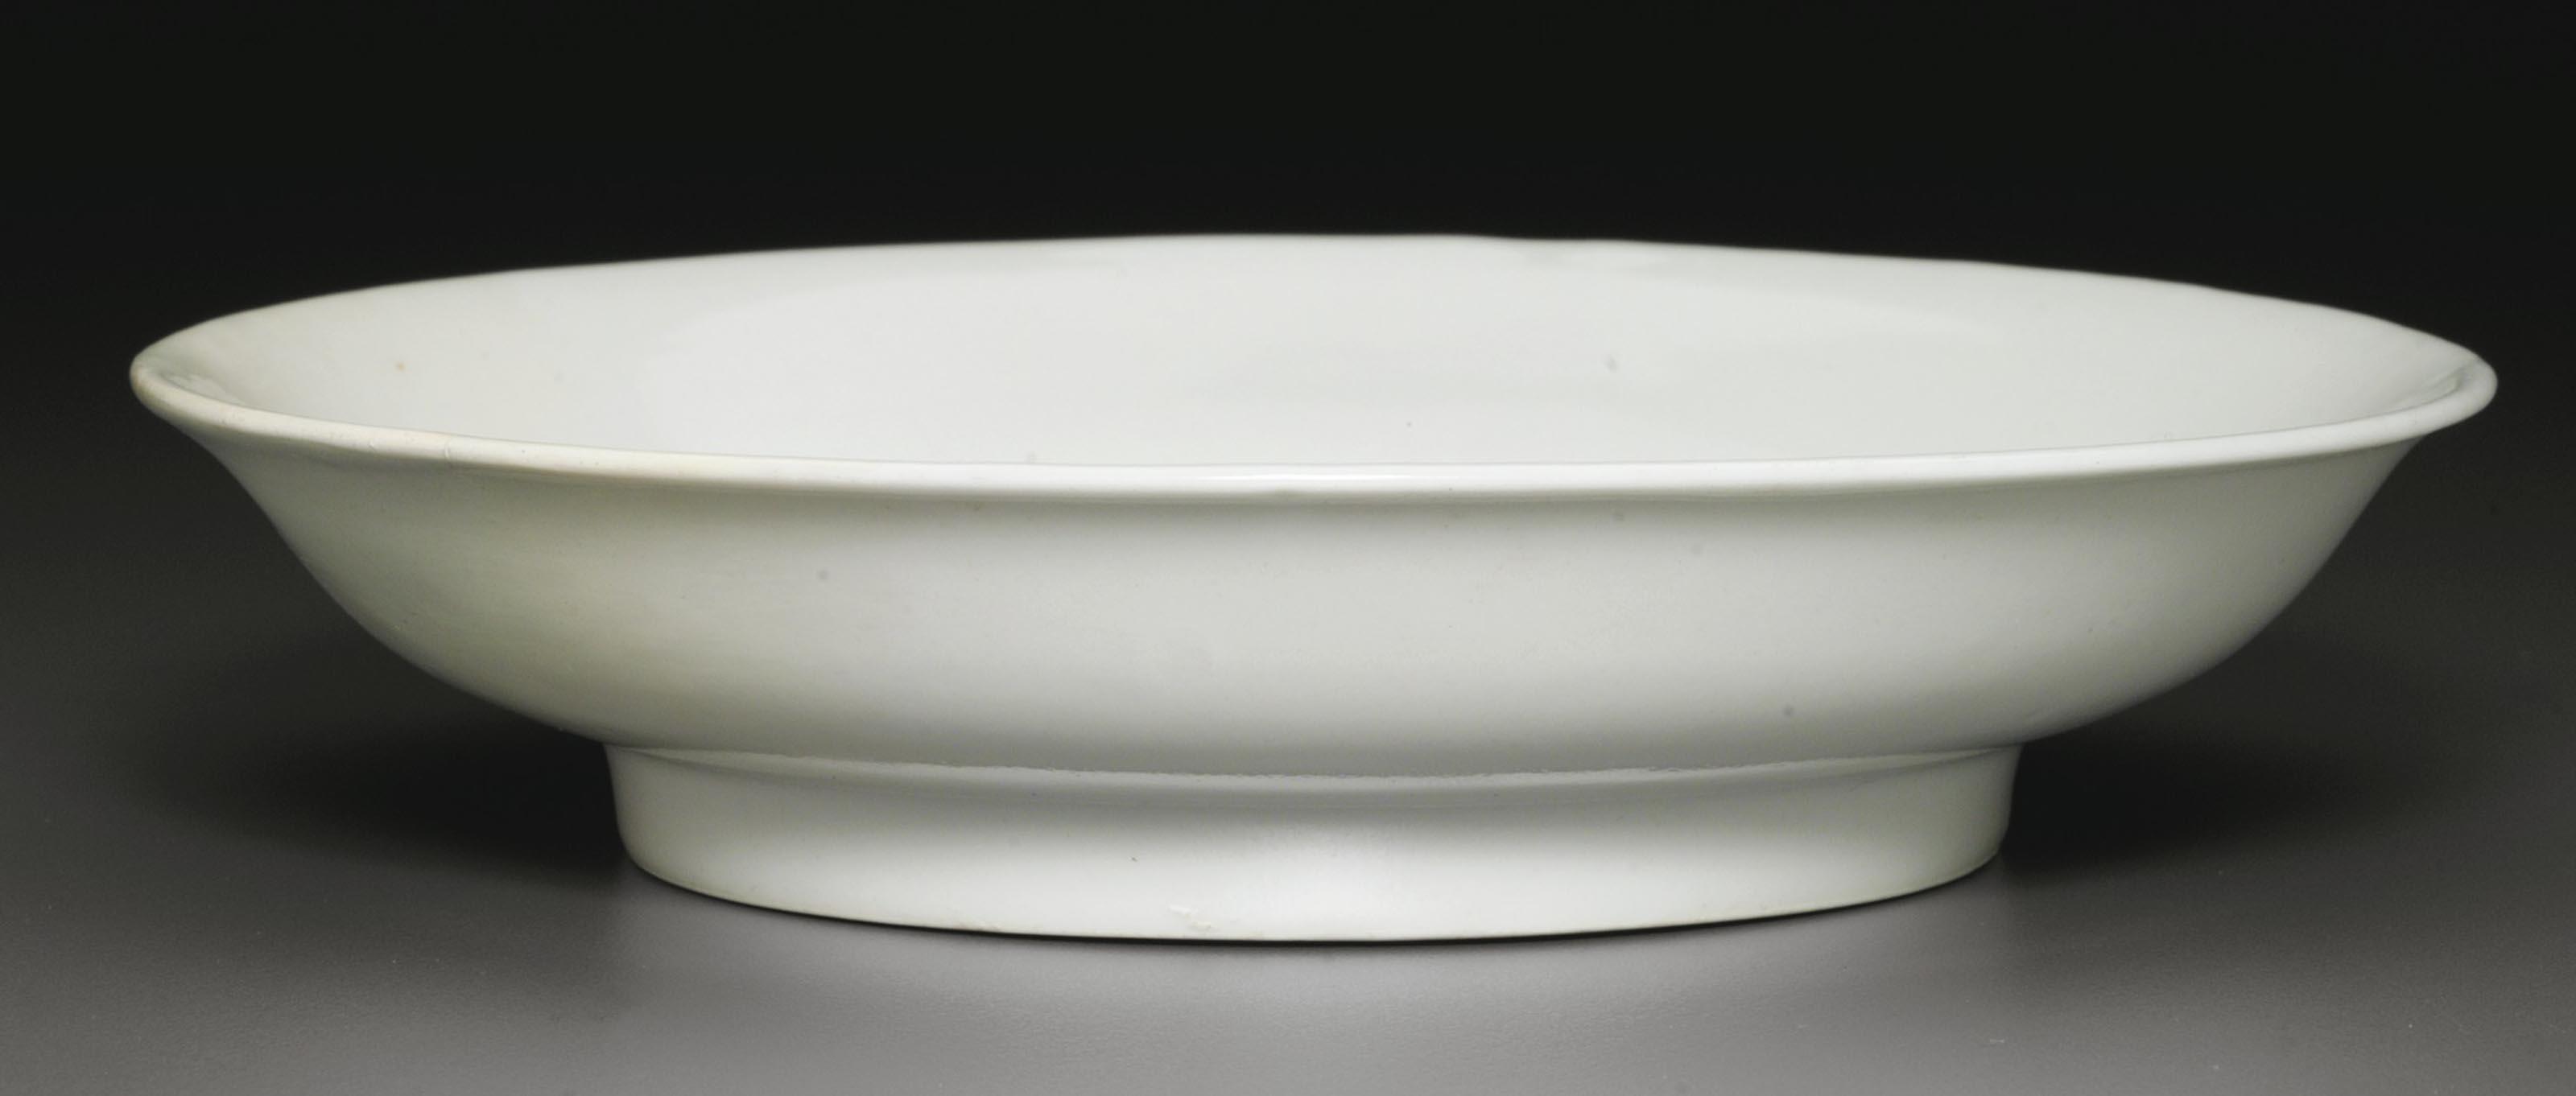 A RARE SMALL WHITE-GLAZED DISH